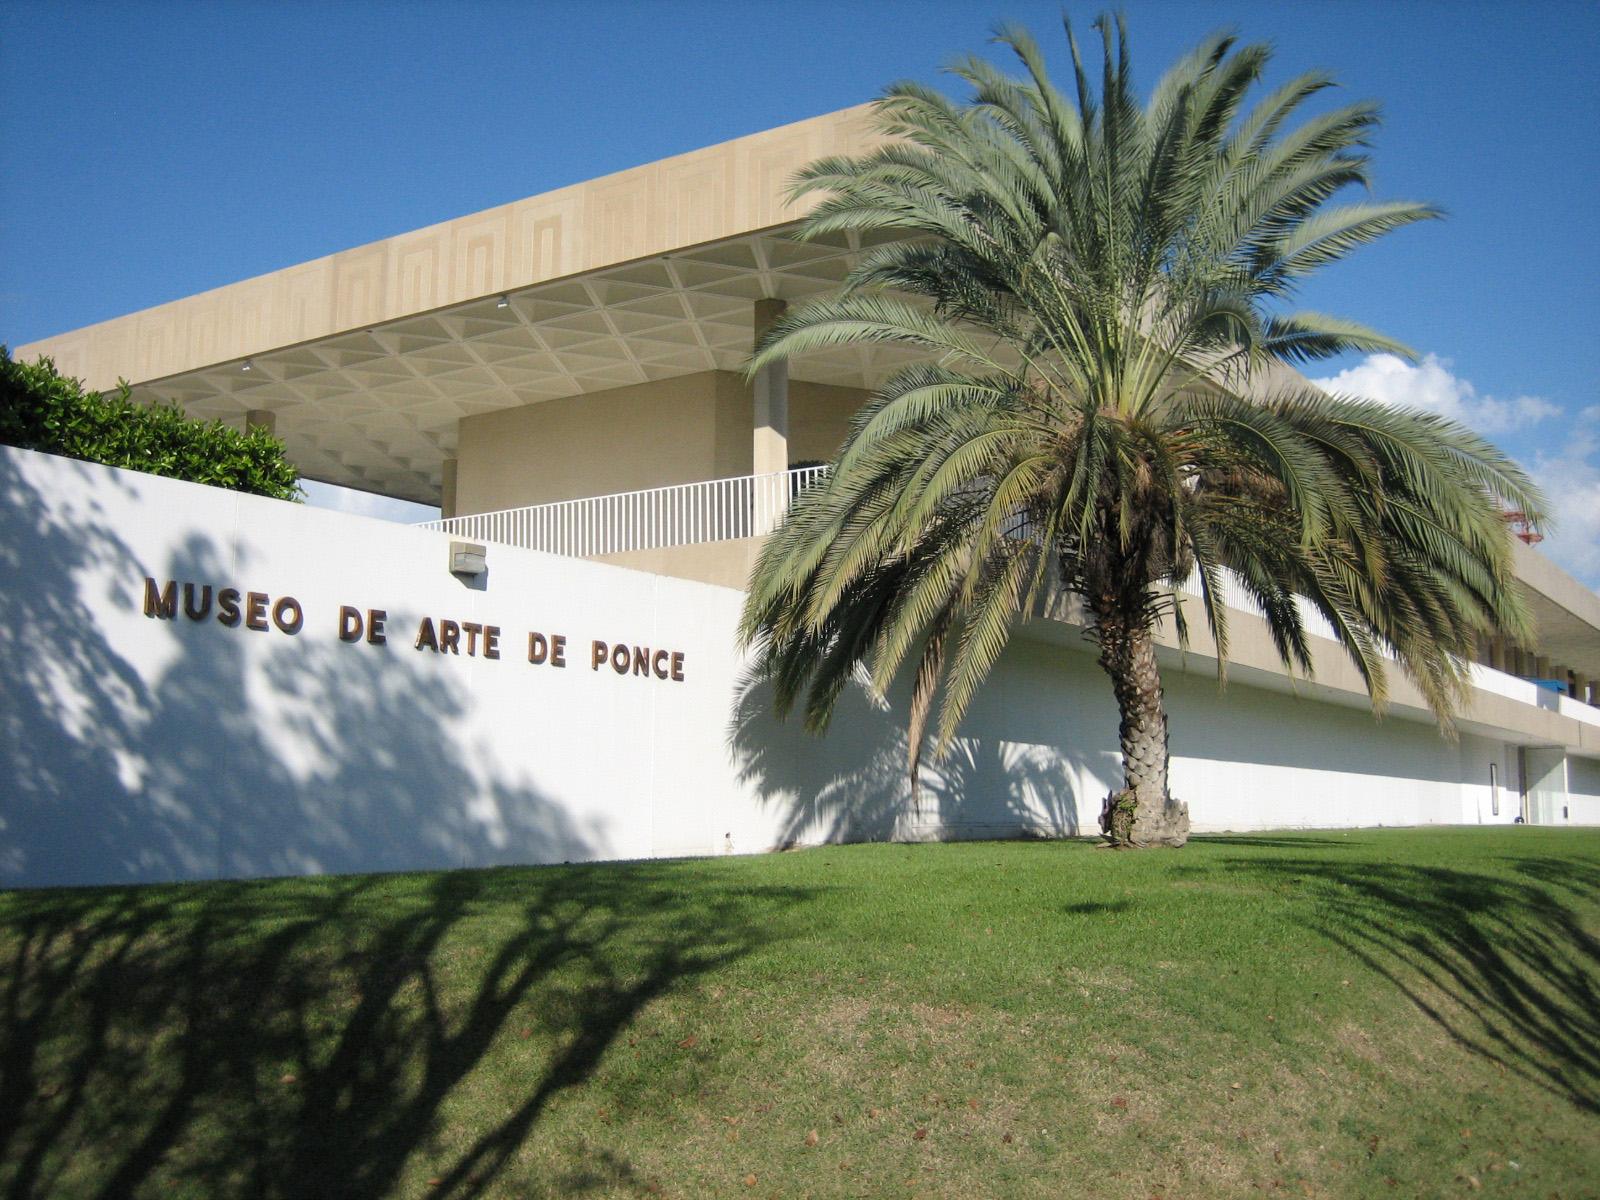 El CEMyR y el Museo de Arte de Ponce establecen acuerdo de colaboración